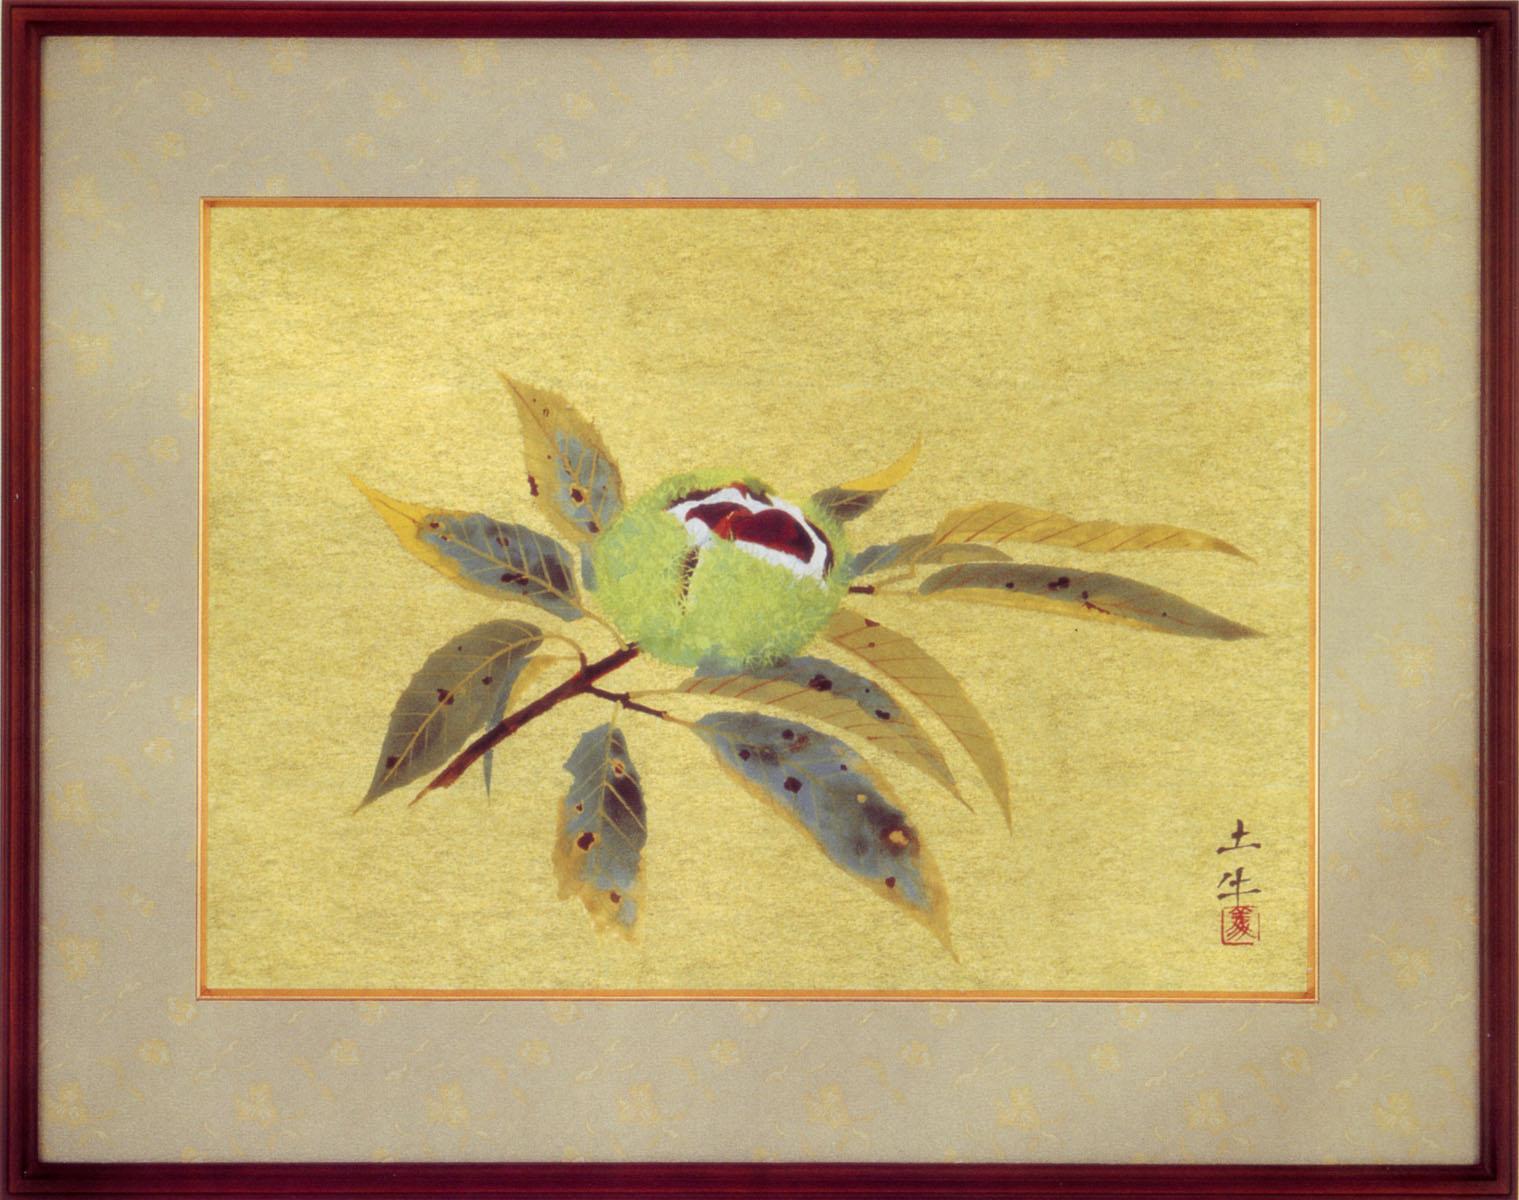 奥村土牛 絵画 栗 送料無料 【複製】【美術印刷】【巨匠】【変型特寸】